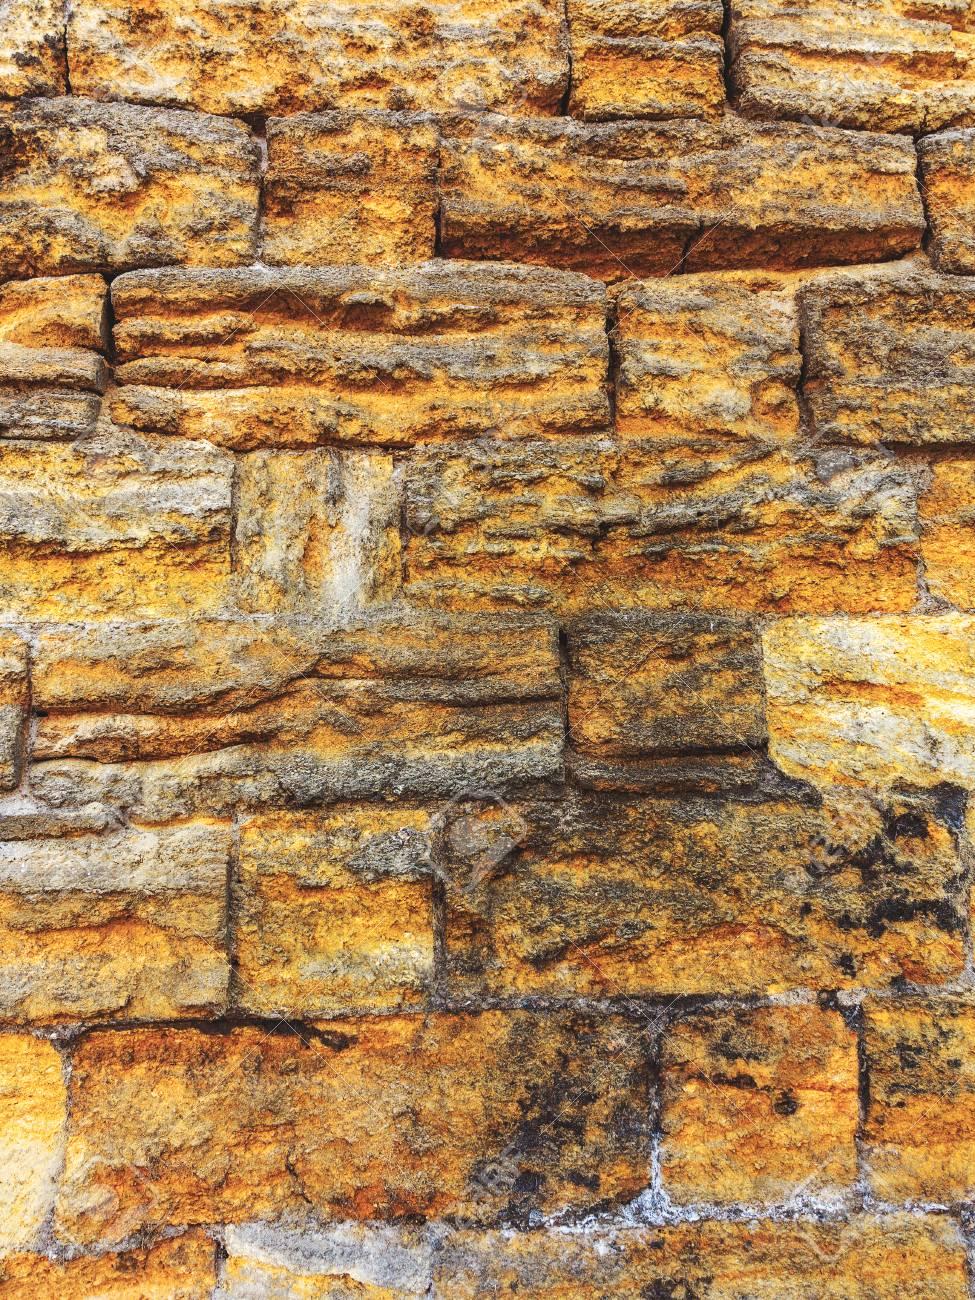 Standard Bild   Wand Aus Naturstein . Kann Als Hintergrund Verwendet Werden  . Großer Hintergrund Oder Textur